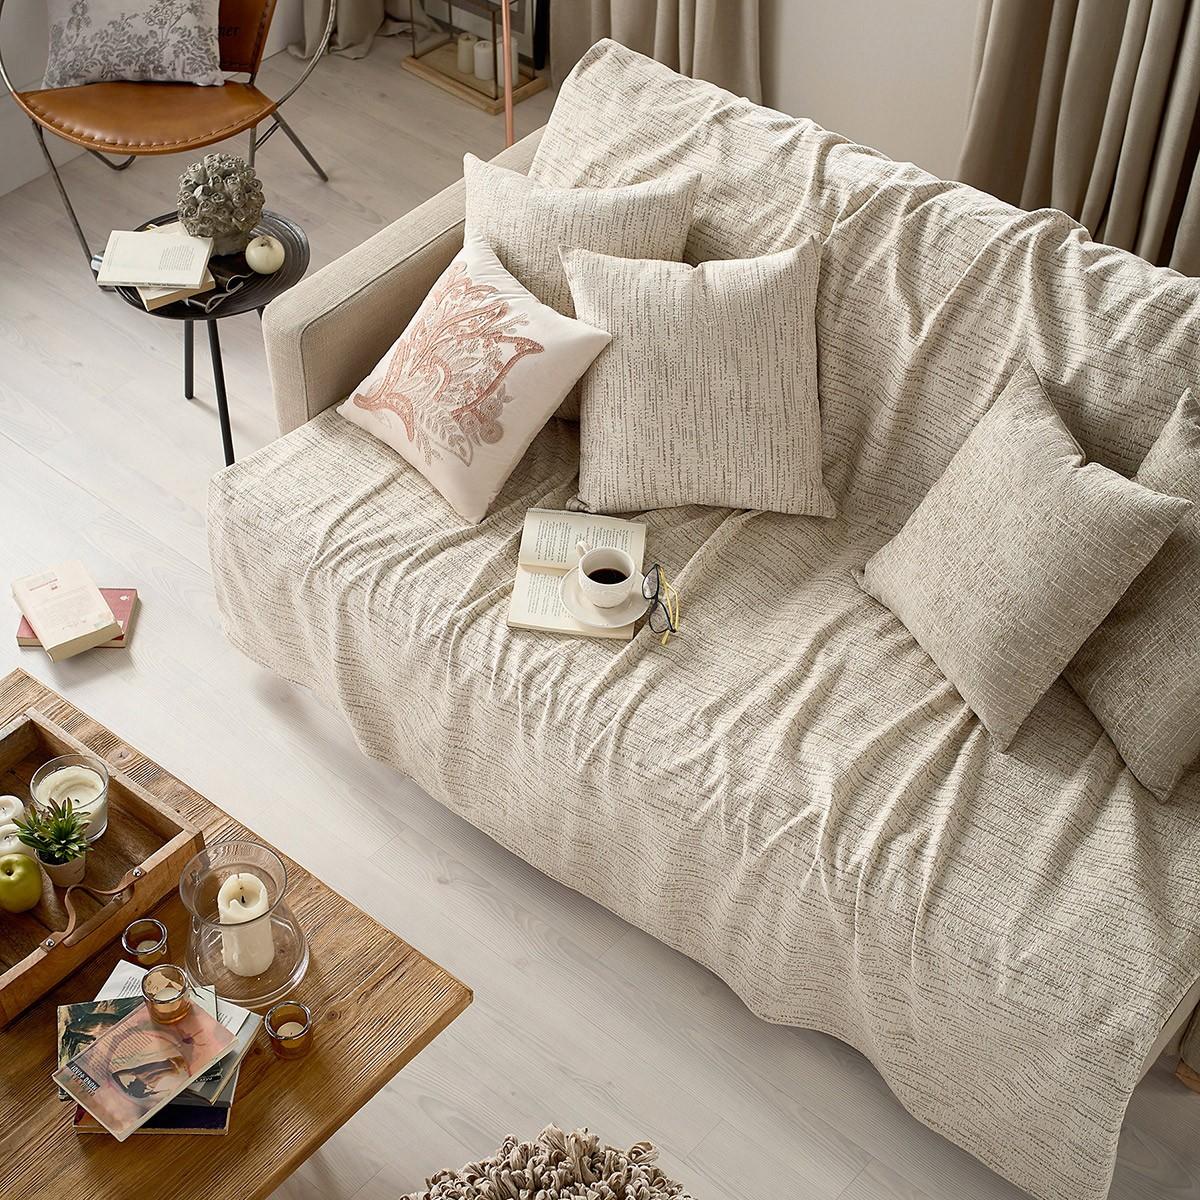 Ριχτάρι Πολυθρόνας (210×180) Gofis Home Fulham Ecru 943/05